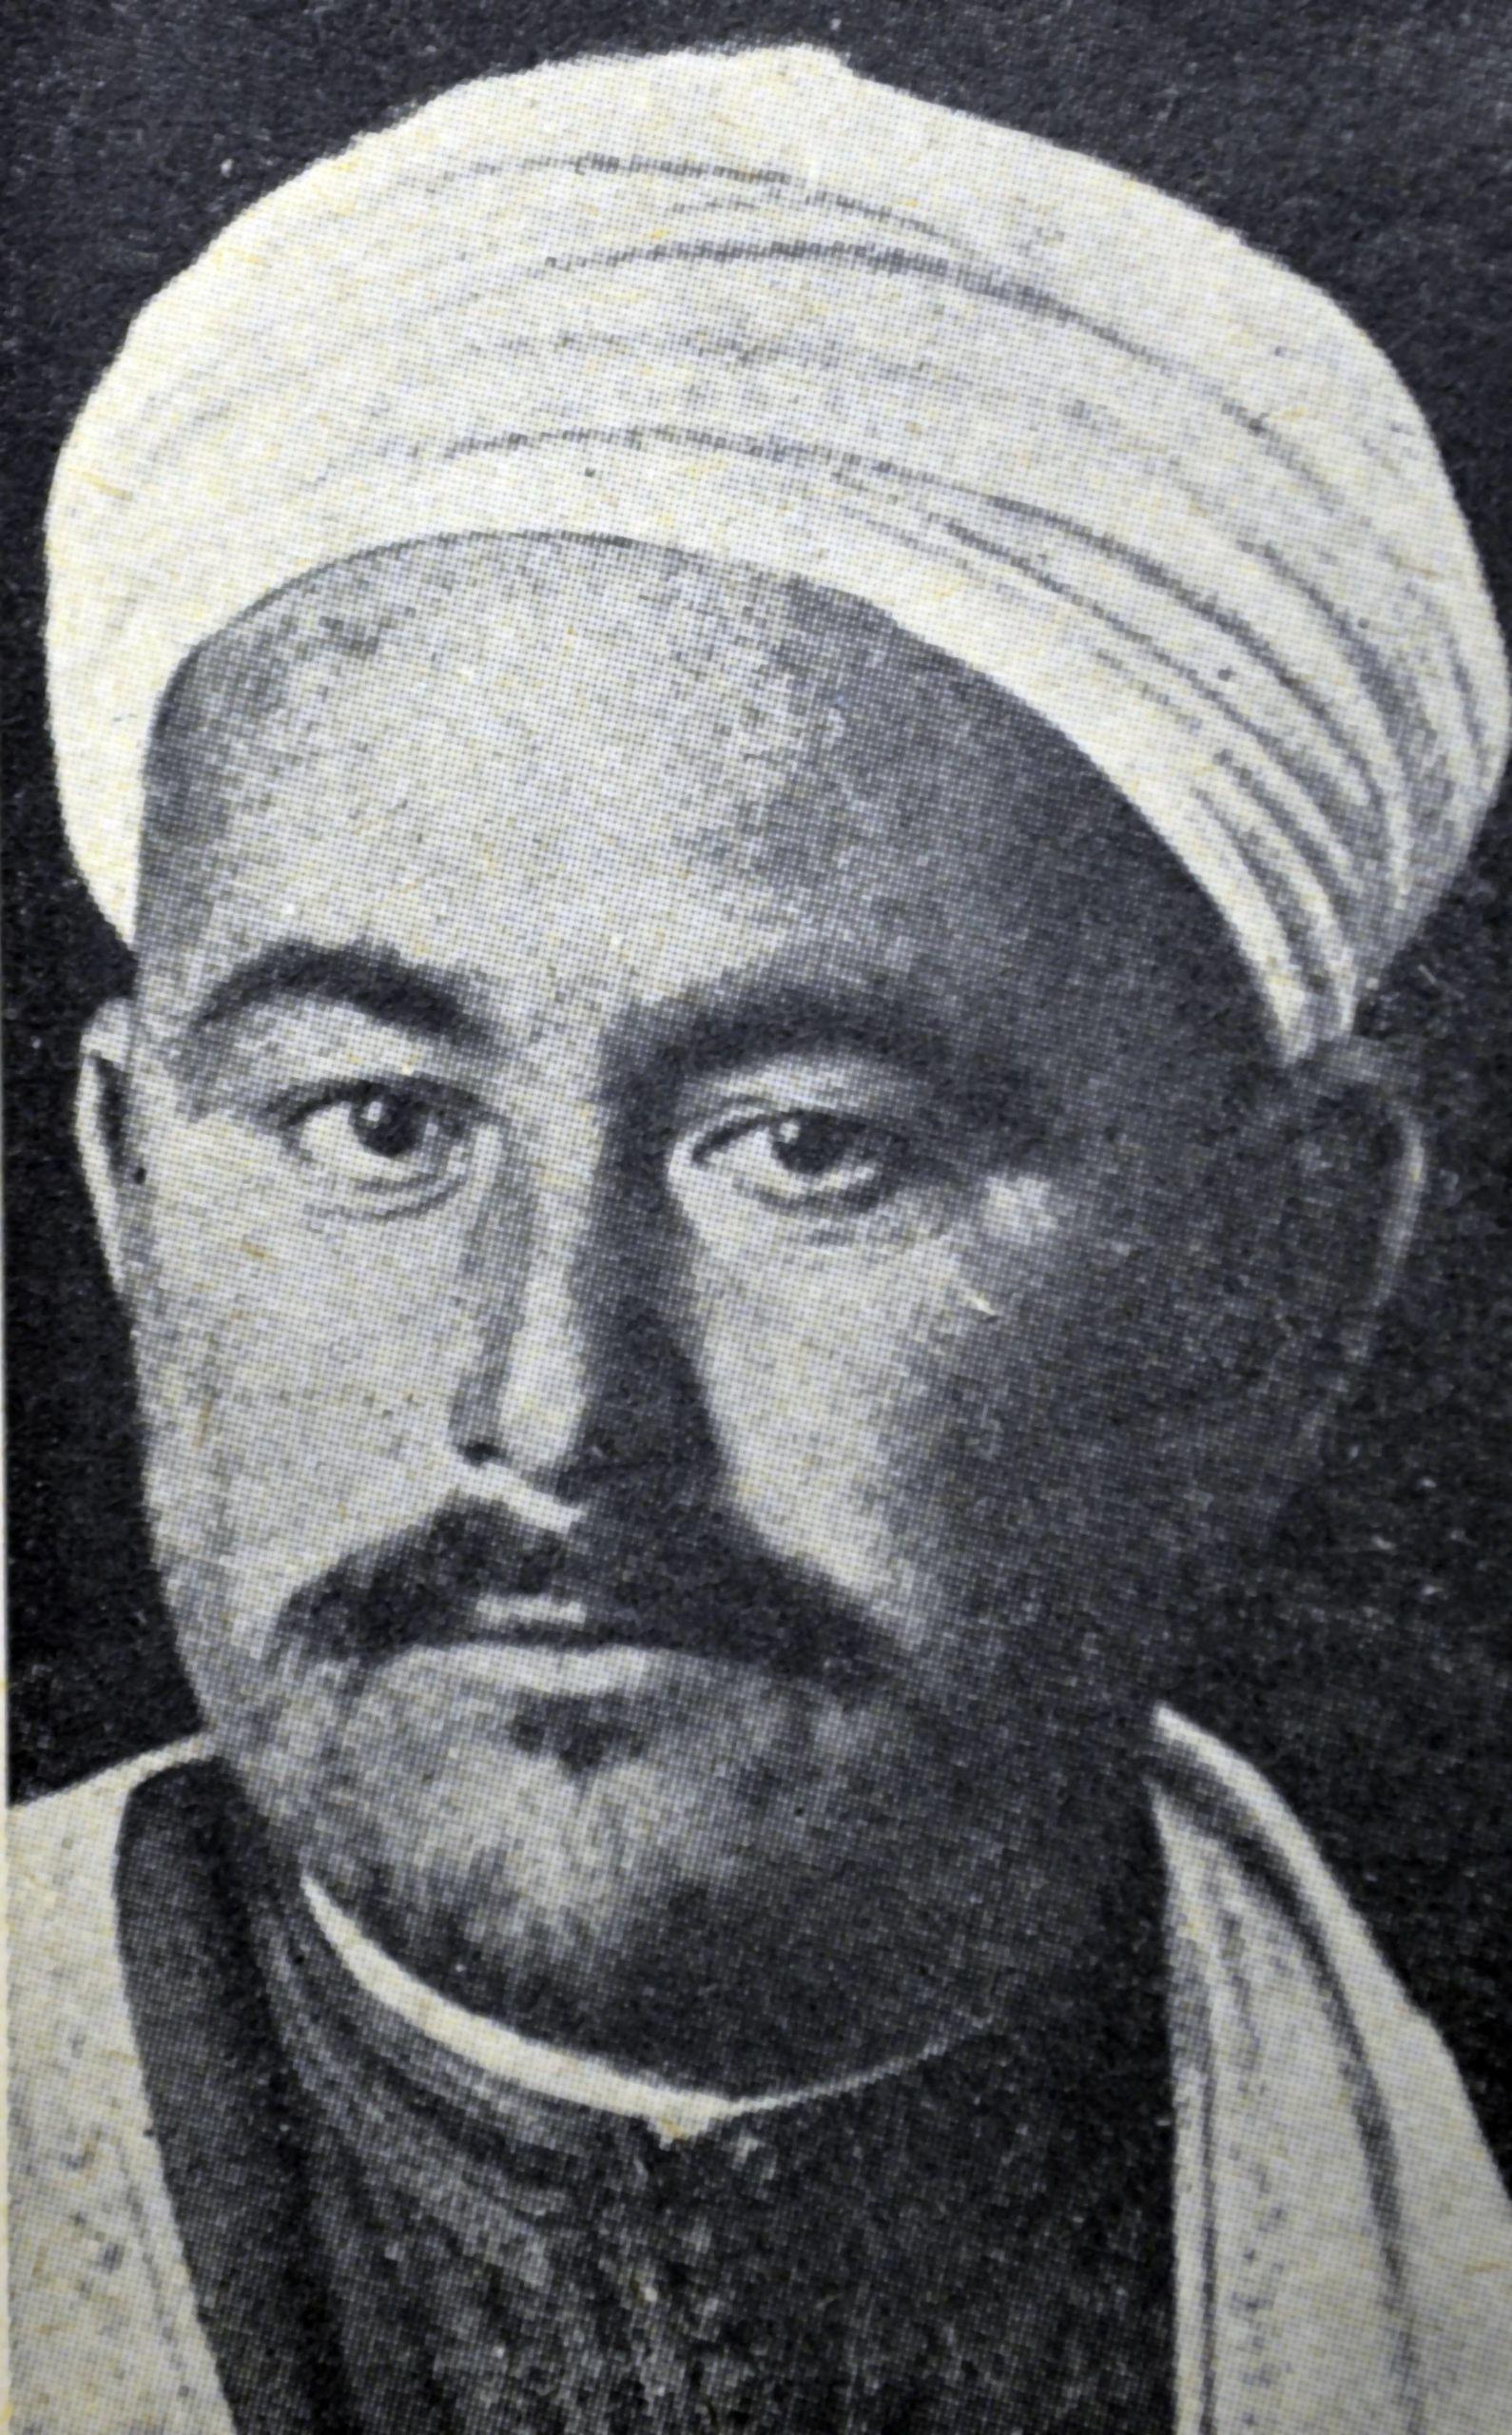 abd-el-krim-1882-83-1963.jpg